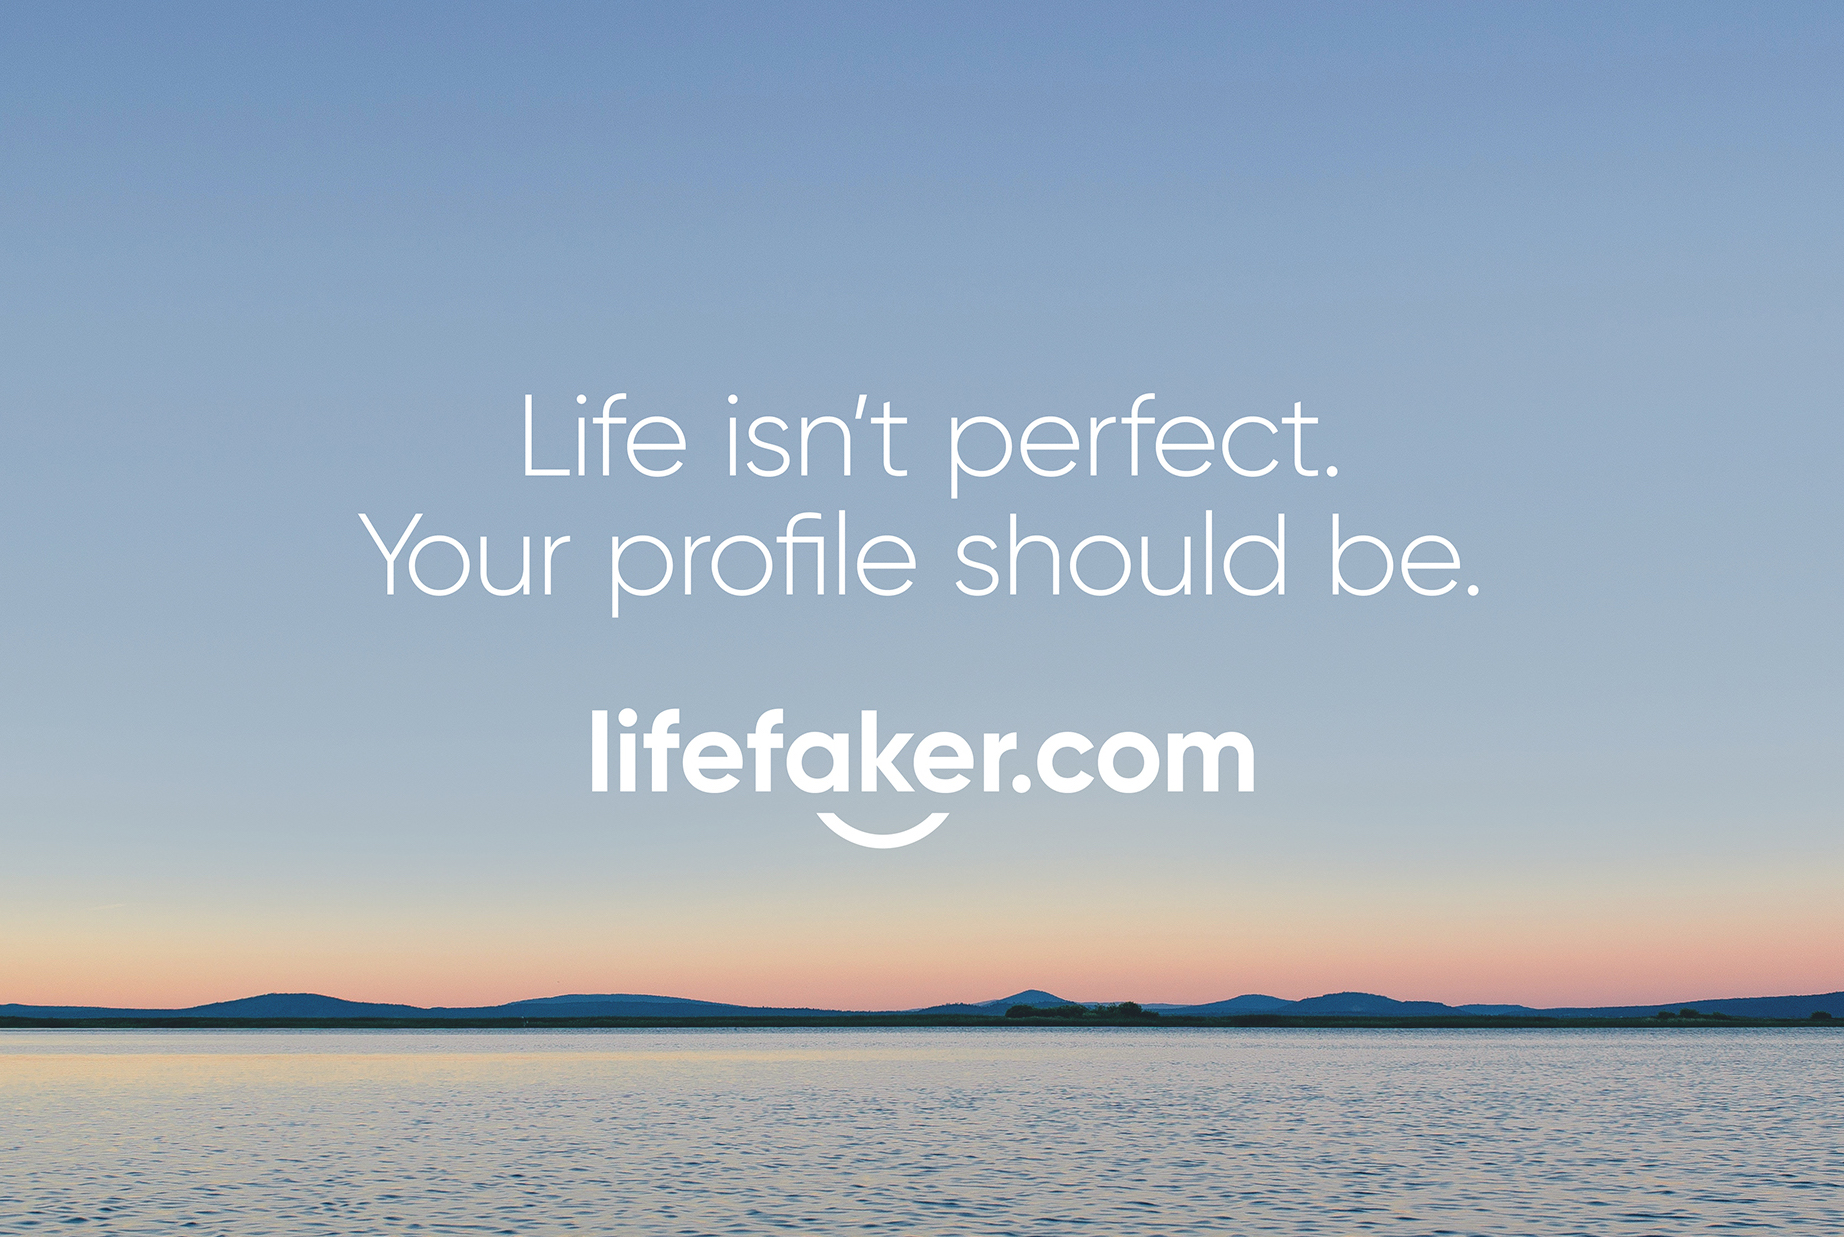 Lifefaker